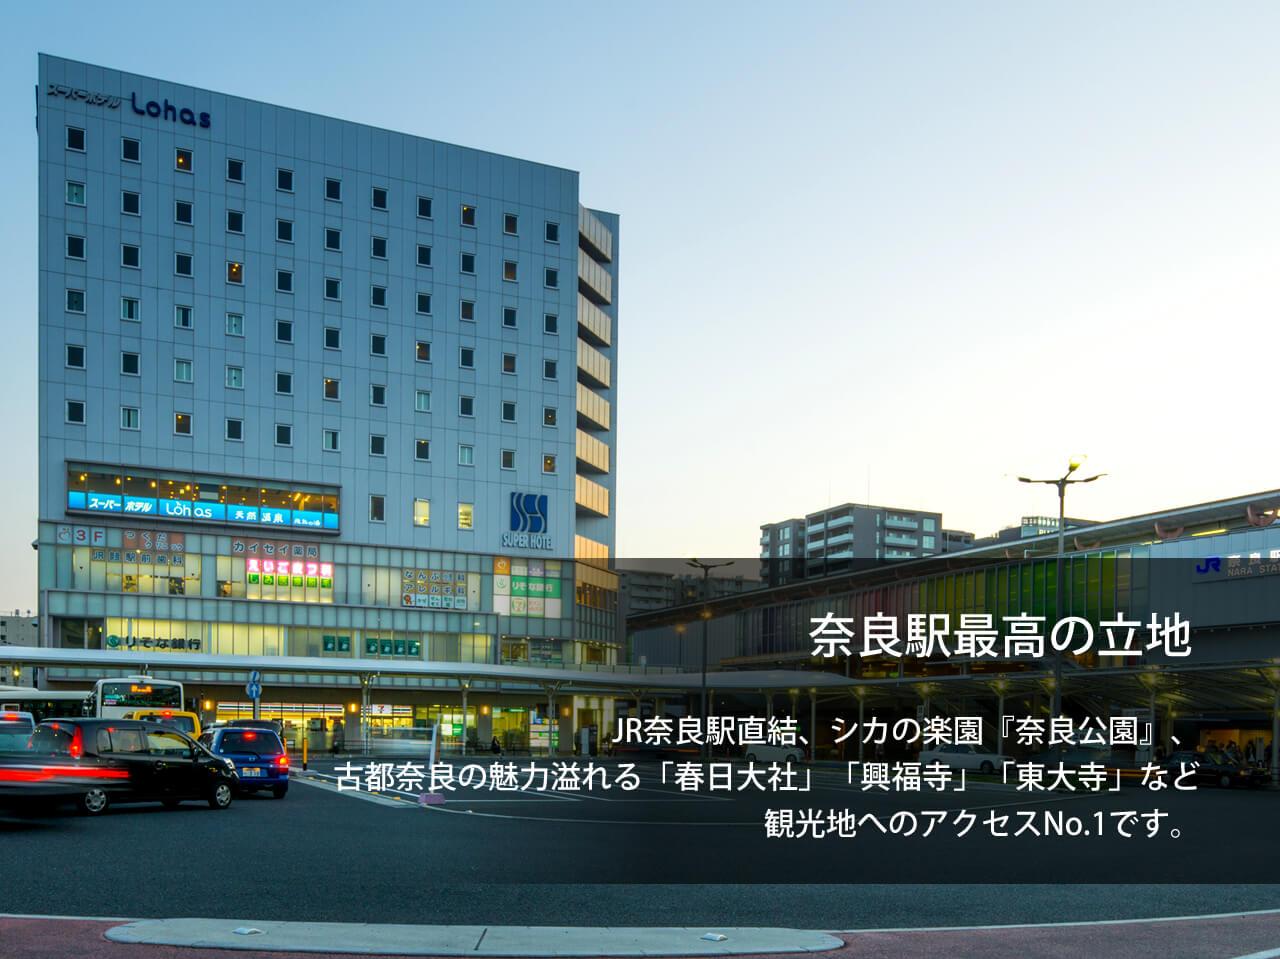 Super Hotel Lohas JR Nara Eki